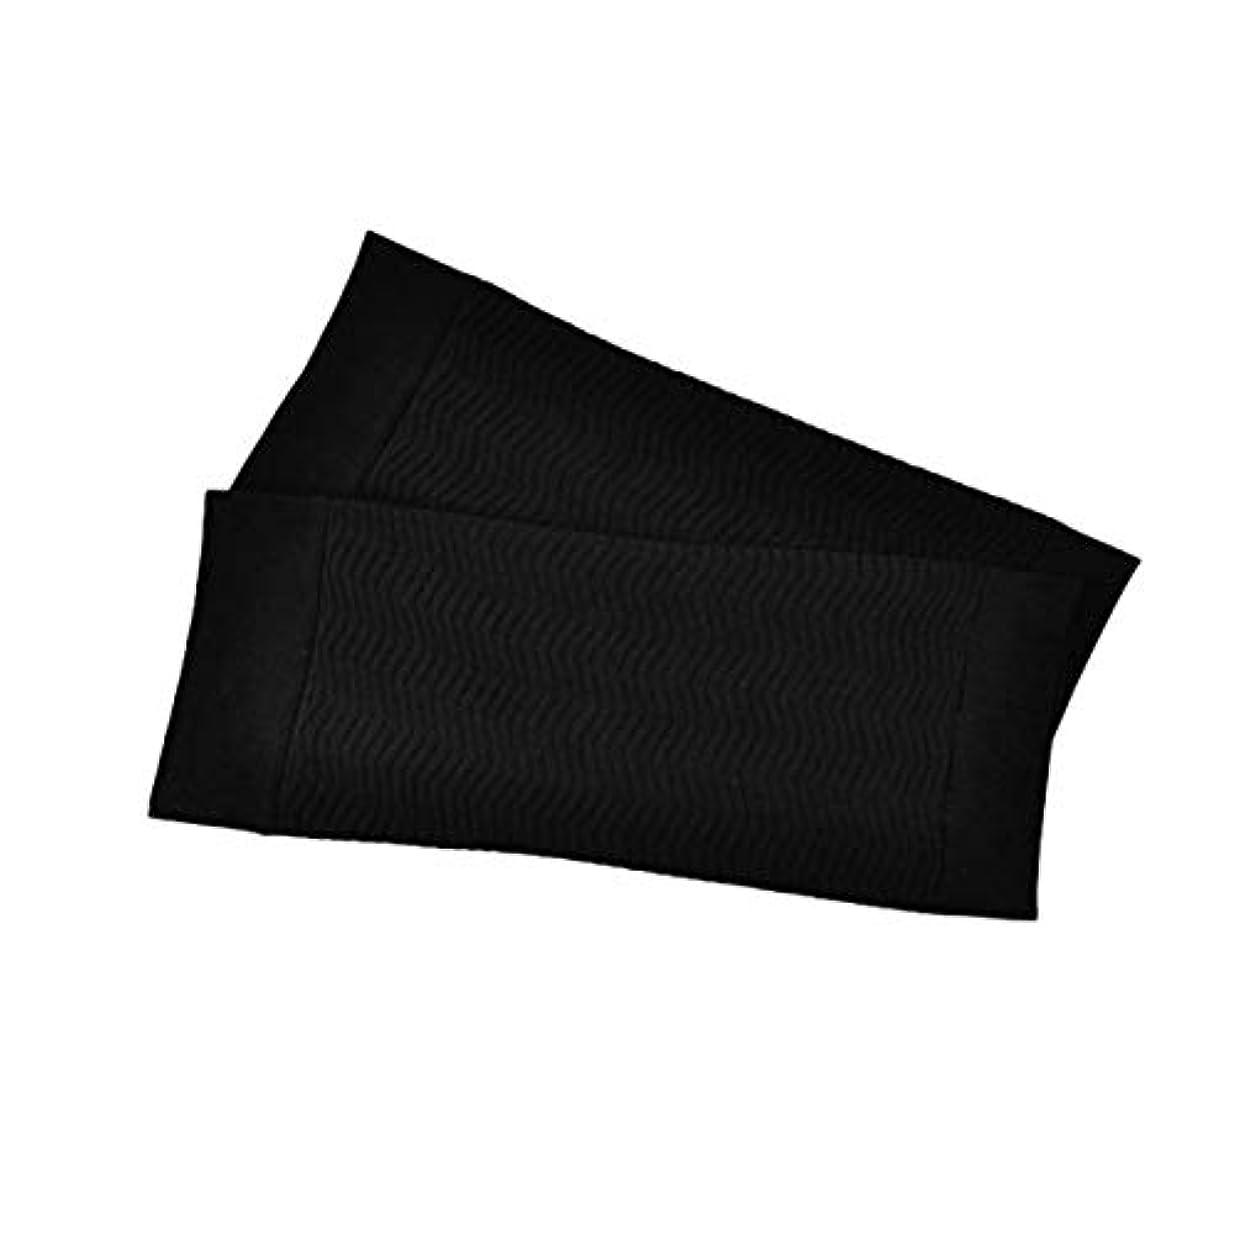 仲介者いっぱい落ち着いて1ペア680Dコンプレッションアームシェイパーワークアウトトーニングバーンセルライトスリミングアームスリーブファットバーニングショートスリーブ女性用-ブラック